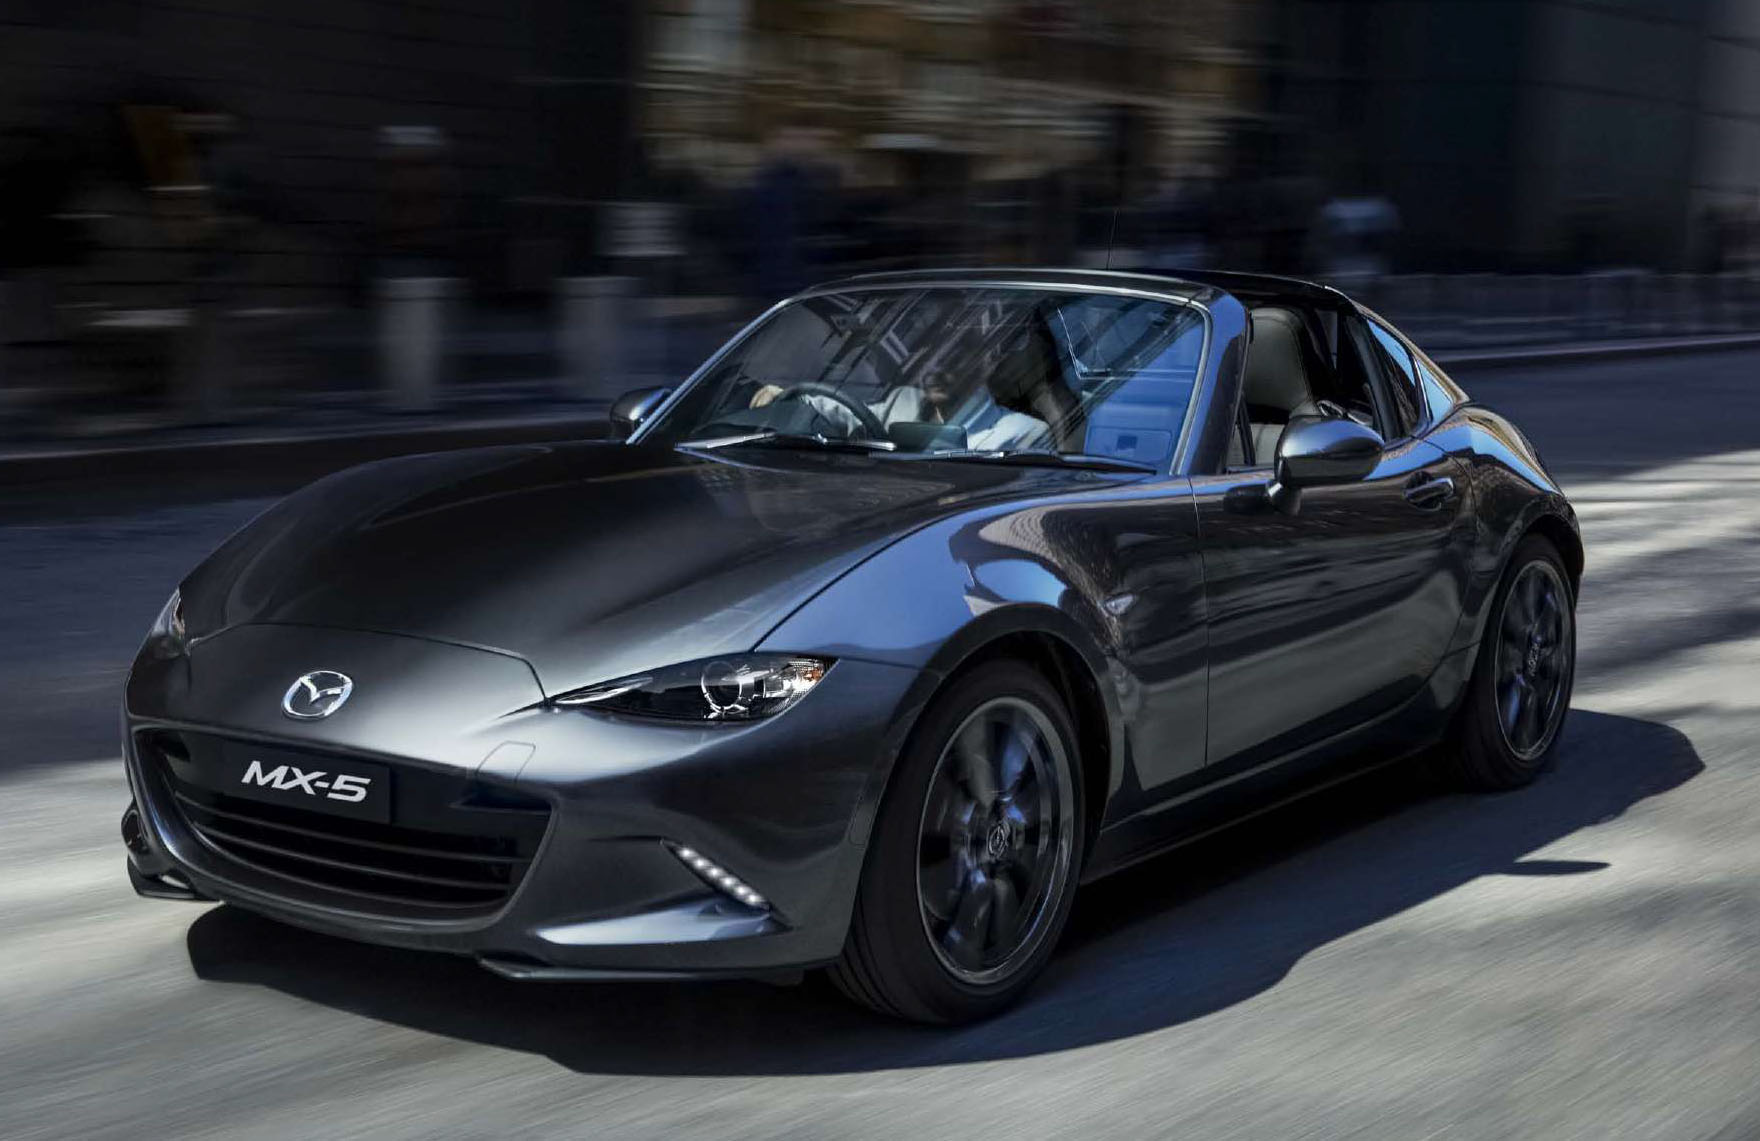 2018 Mazda Mx 5 Northwest Limited